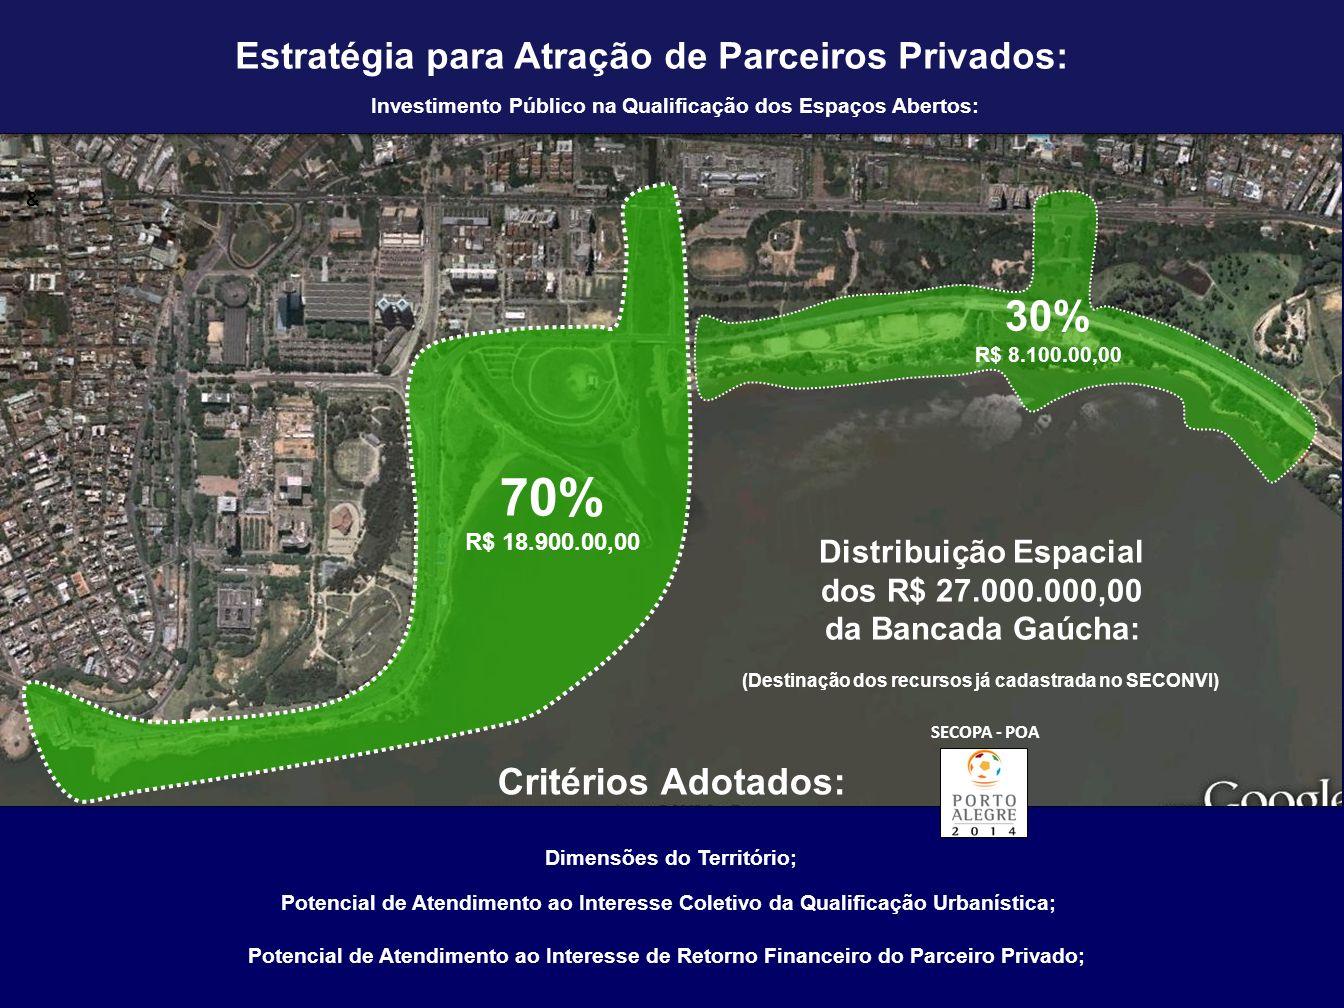 Expectativa Quanto à Participação dos Parceiros Privados: O Investimento na Construção e Operação dos Equipamentos de Animação Pública Necessários.